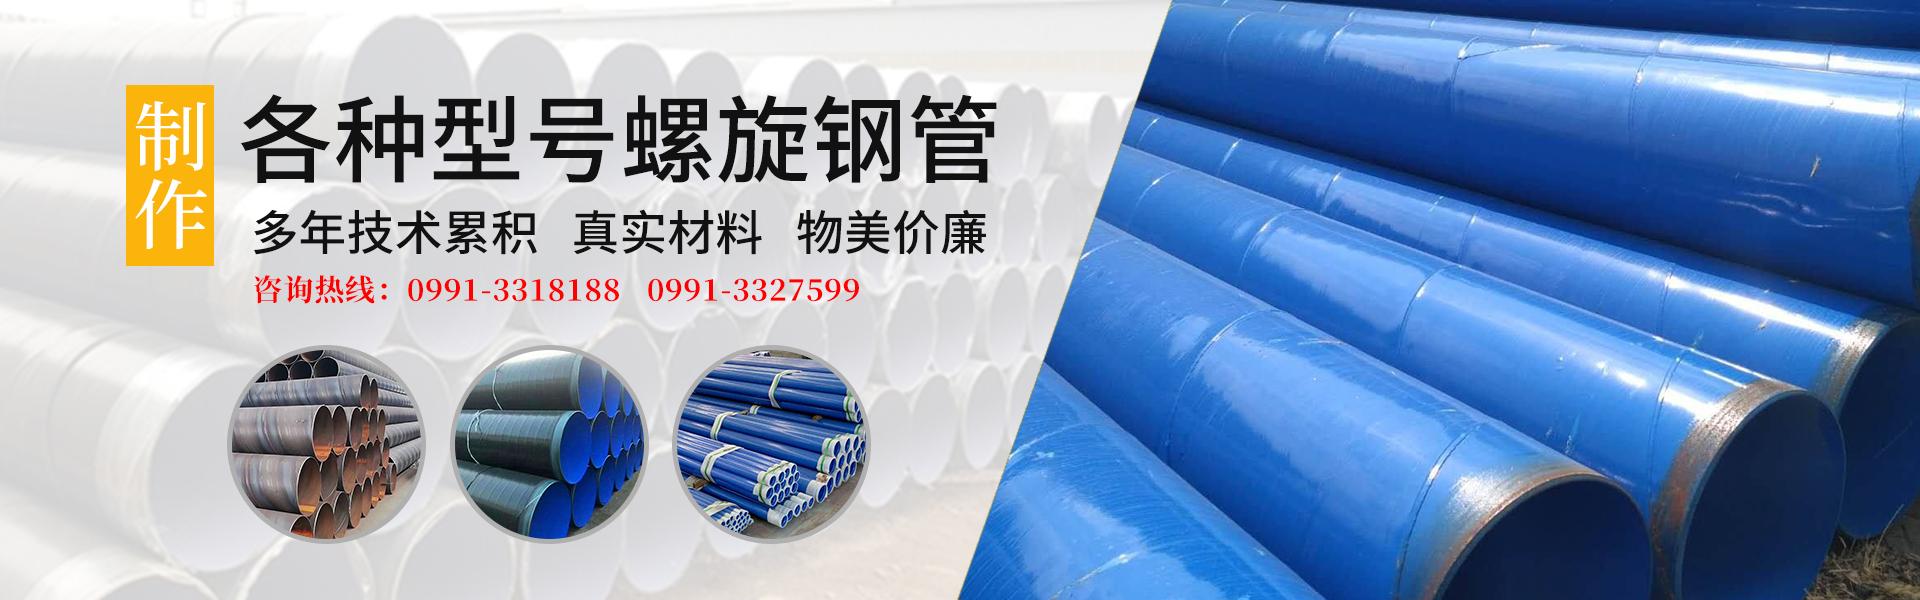 新疆螺旋钢管,乌鲁木齐螺旋钢管,新疆螺旋钢管厂家